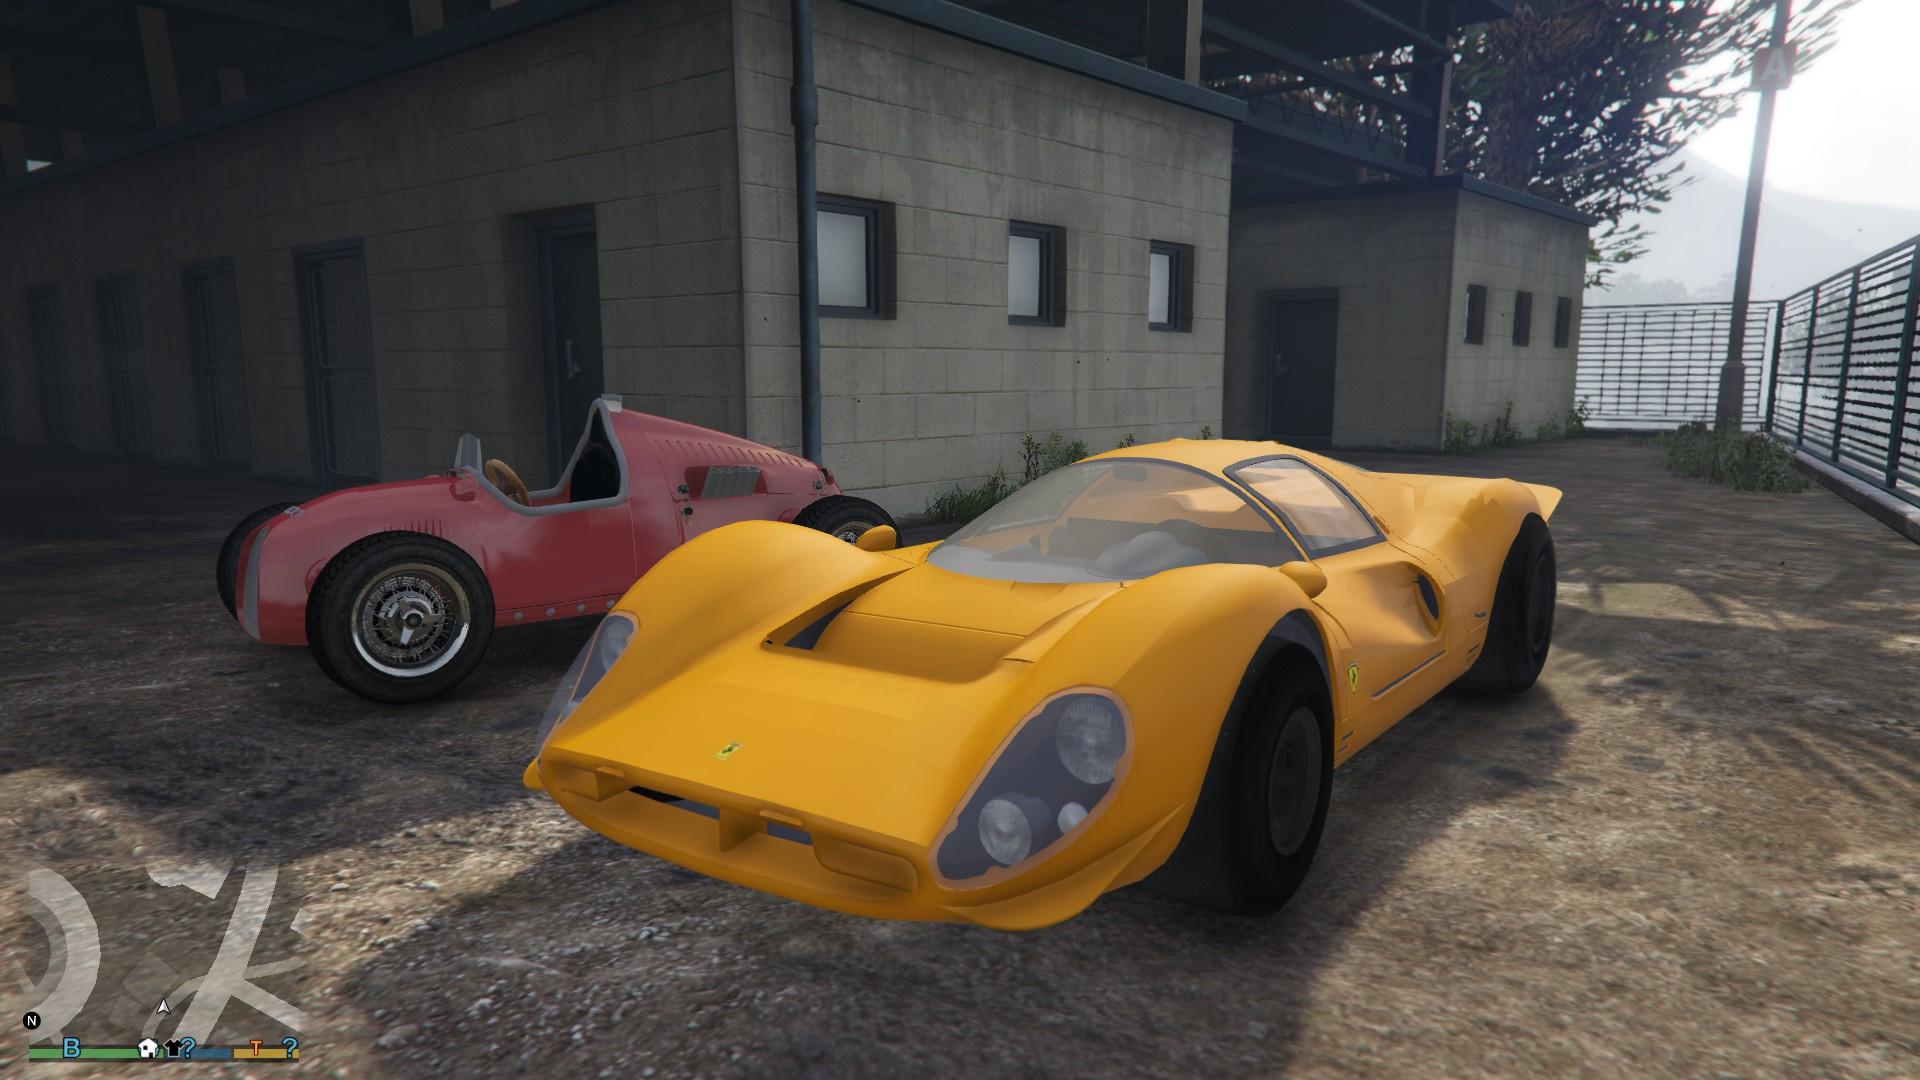 Ferrari 330 P4 1967 Gta5 Mods Com